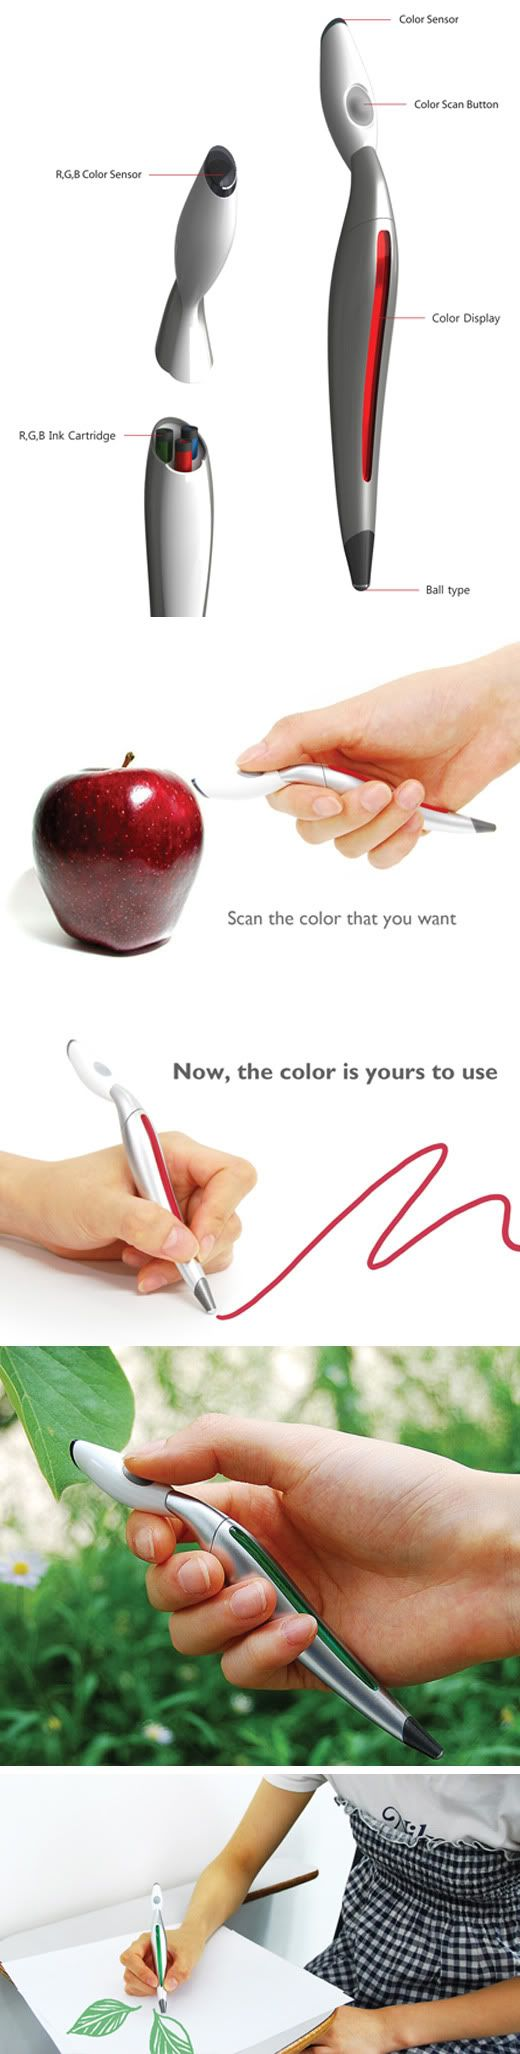 Color picker online upload image - Color Picker Pen